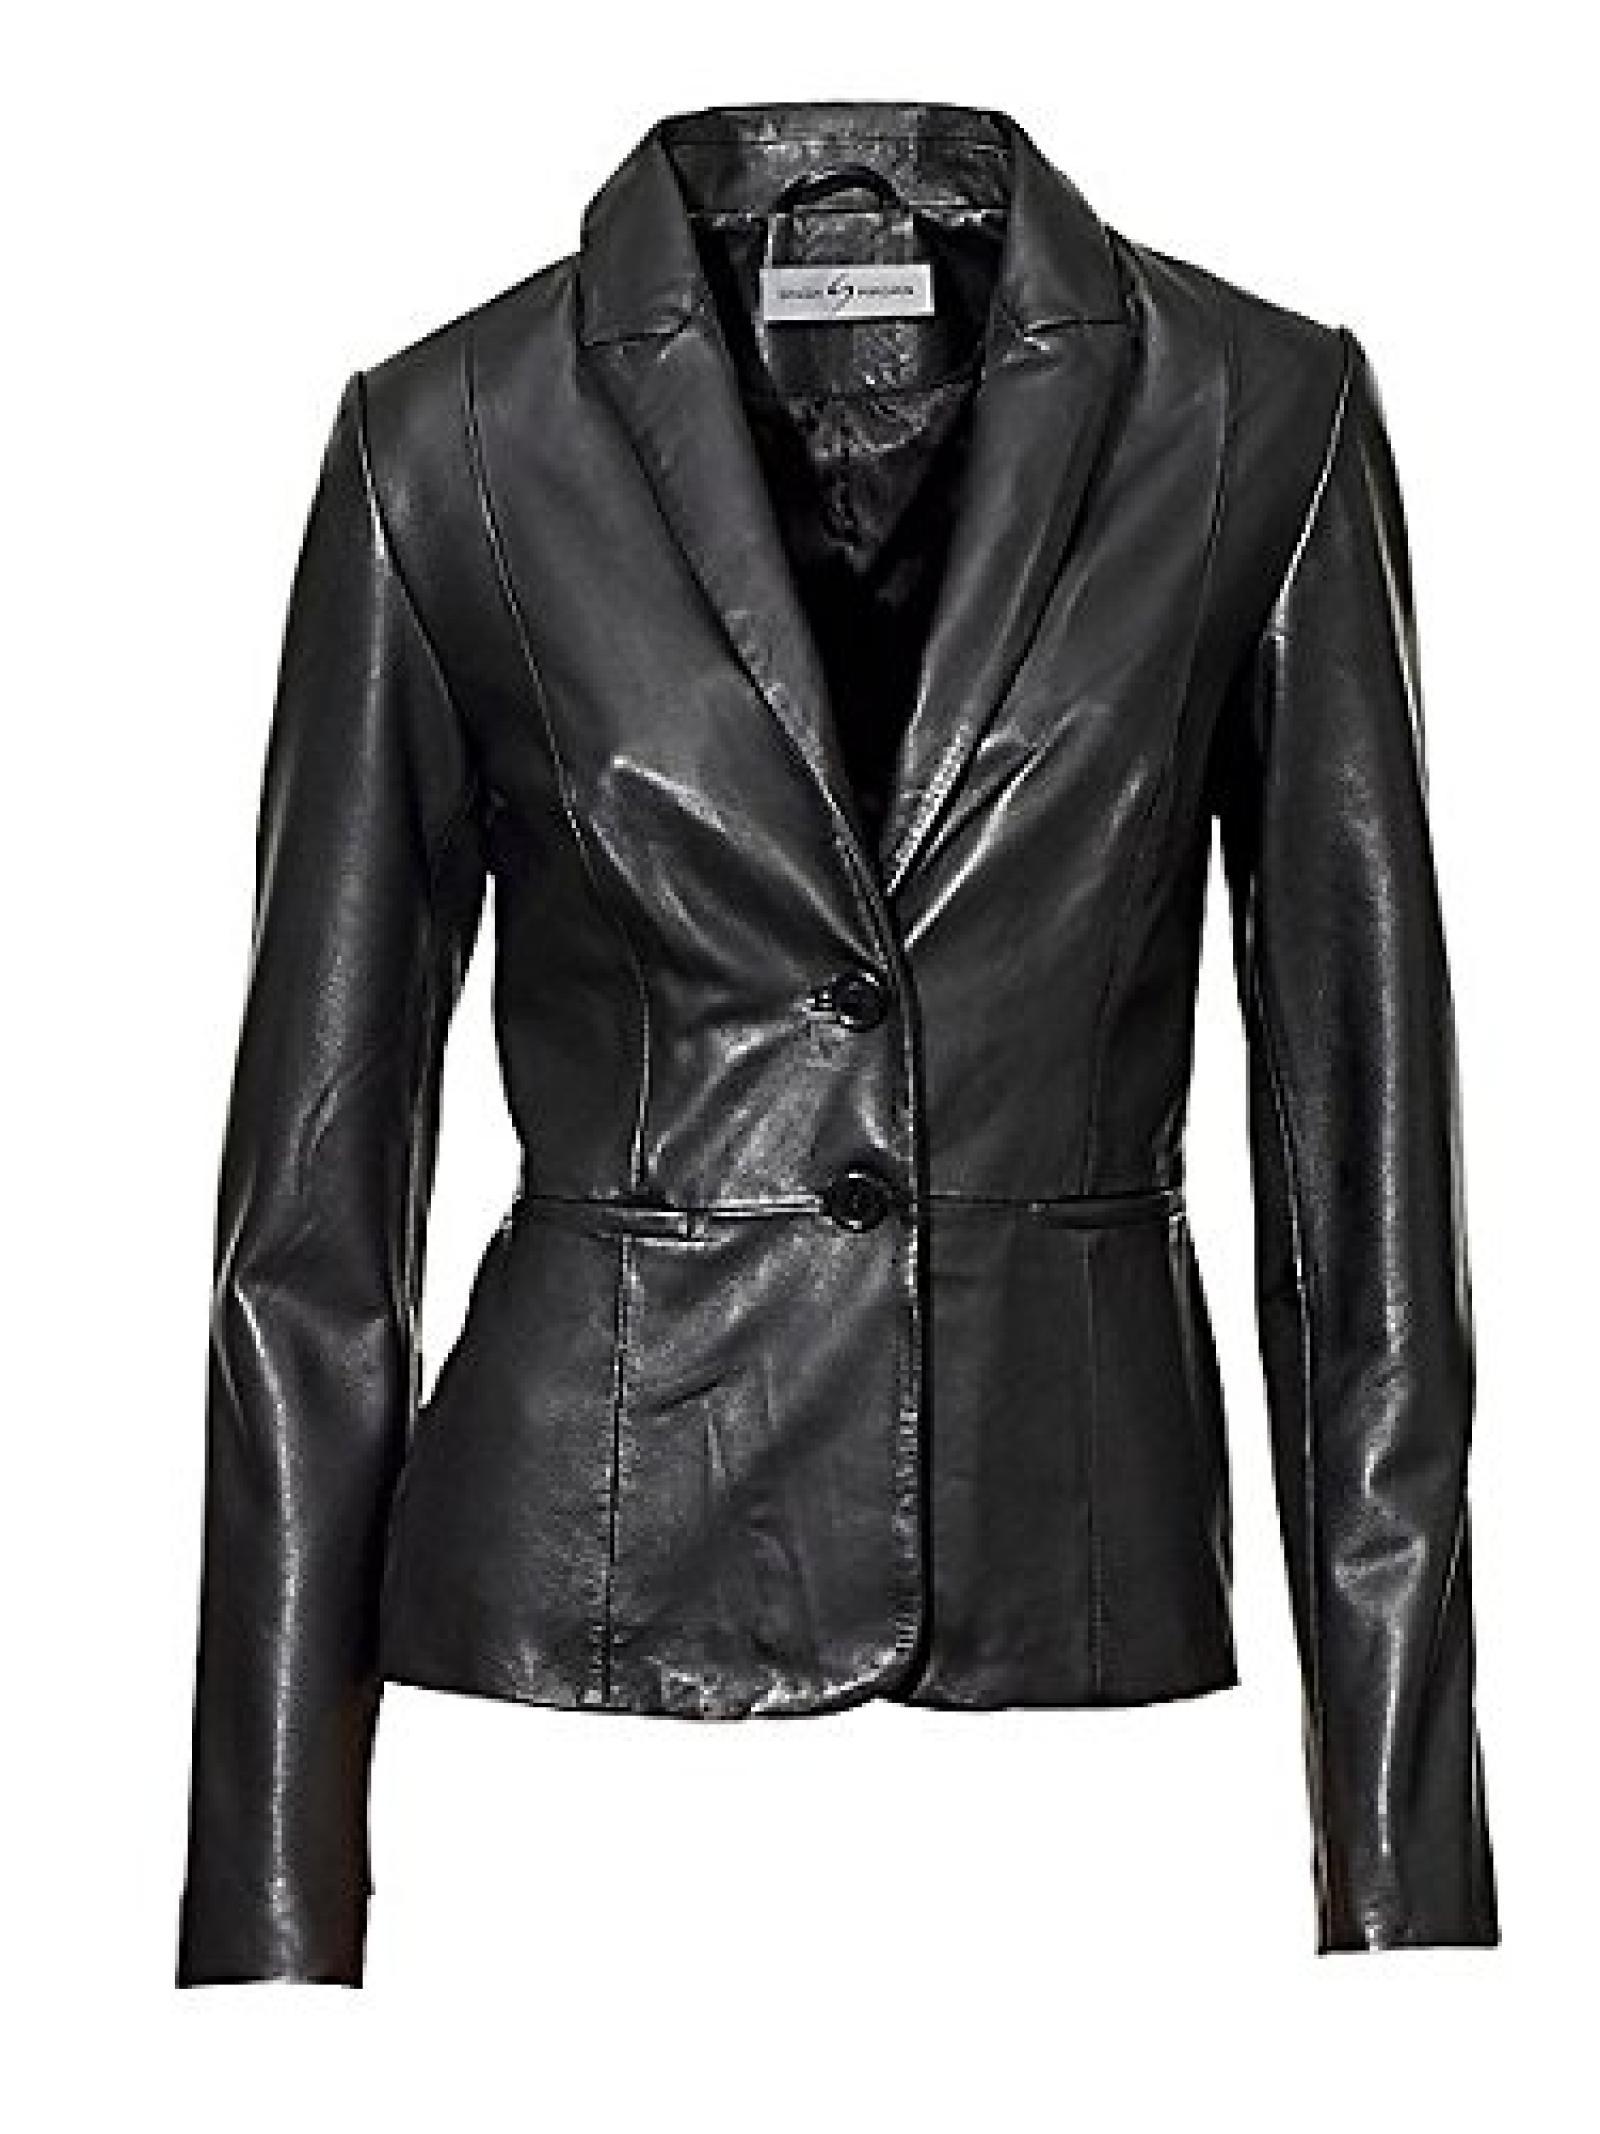 Damen SINGH S. MADAN Lederjacke in schwarz - Größe: 40